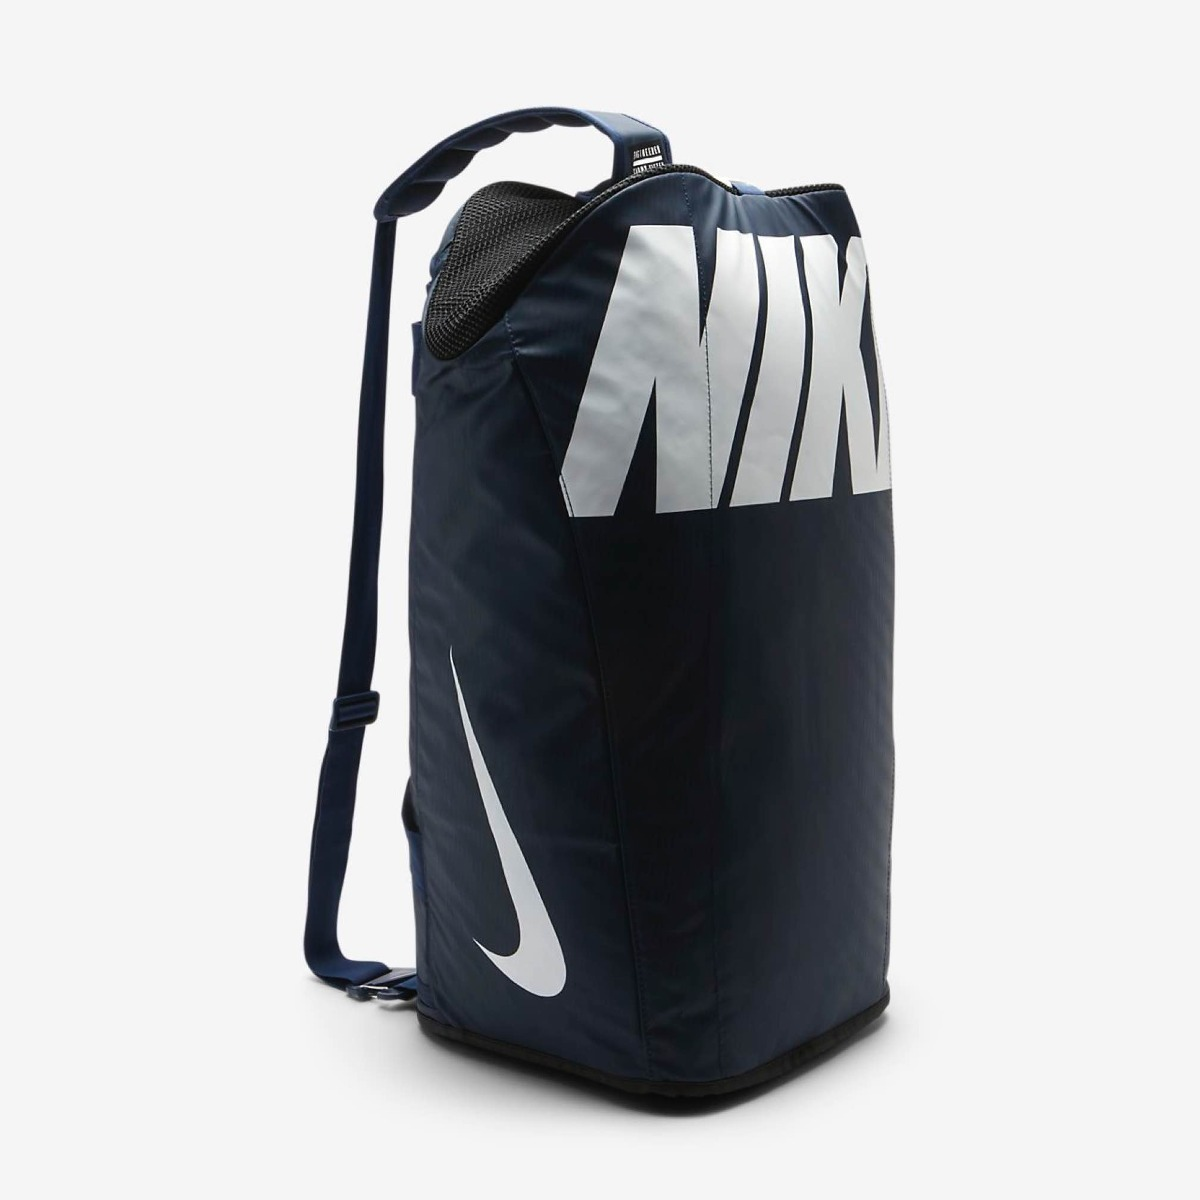 Maleta Mochila Cargando Zoom Crossbody Alpha Adapt Nike rr8qd